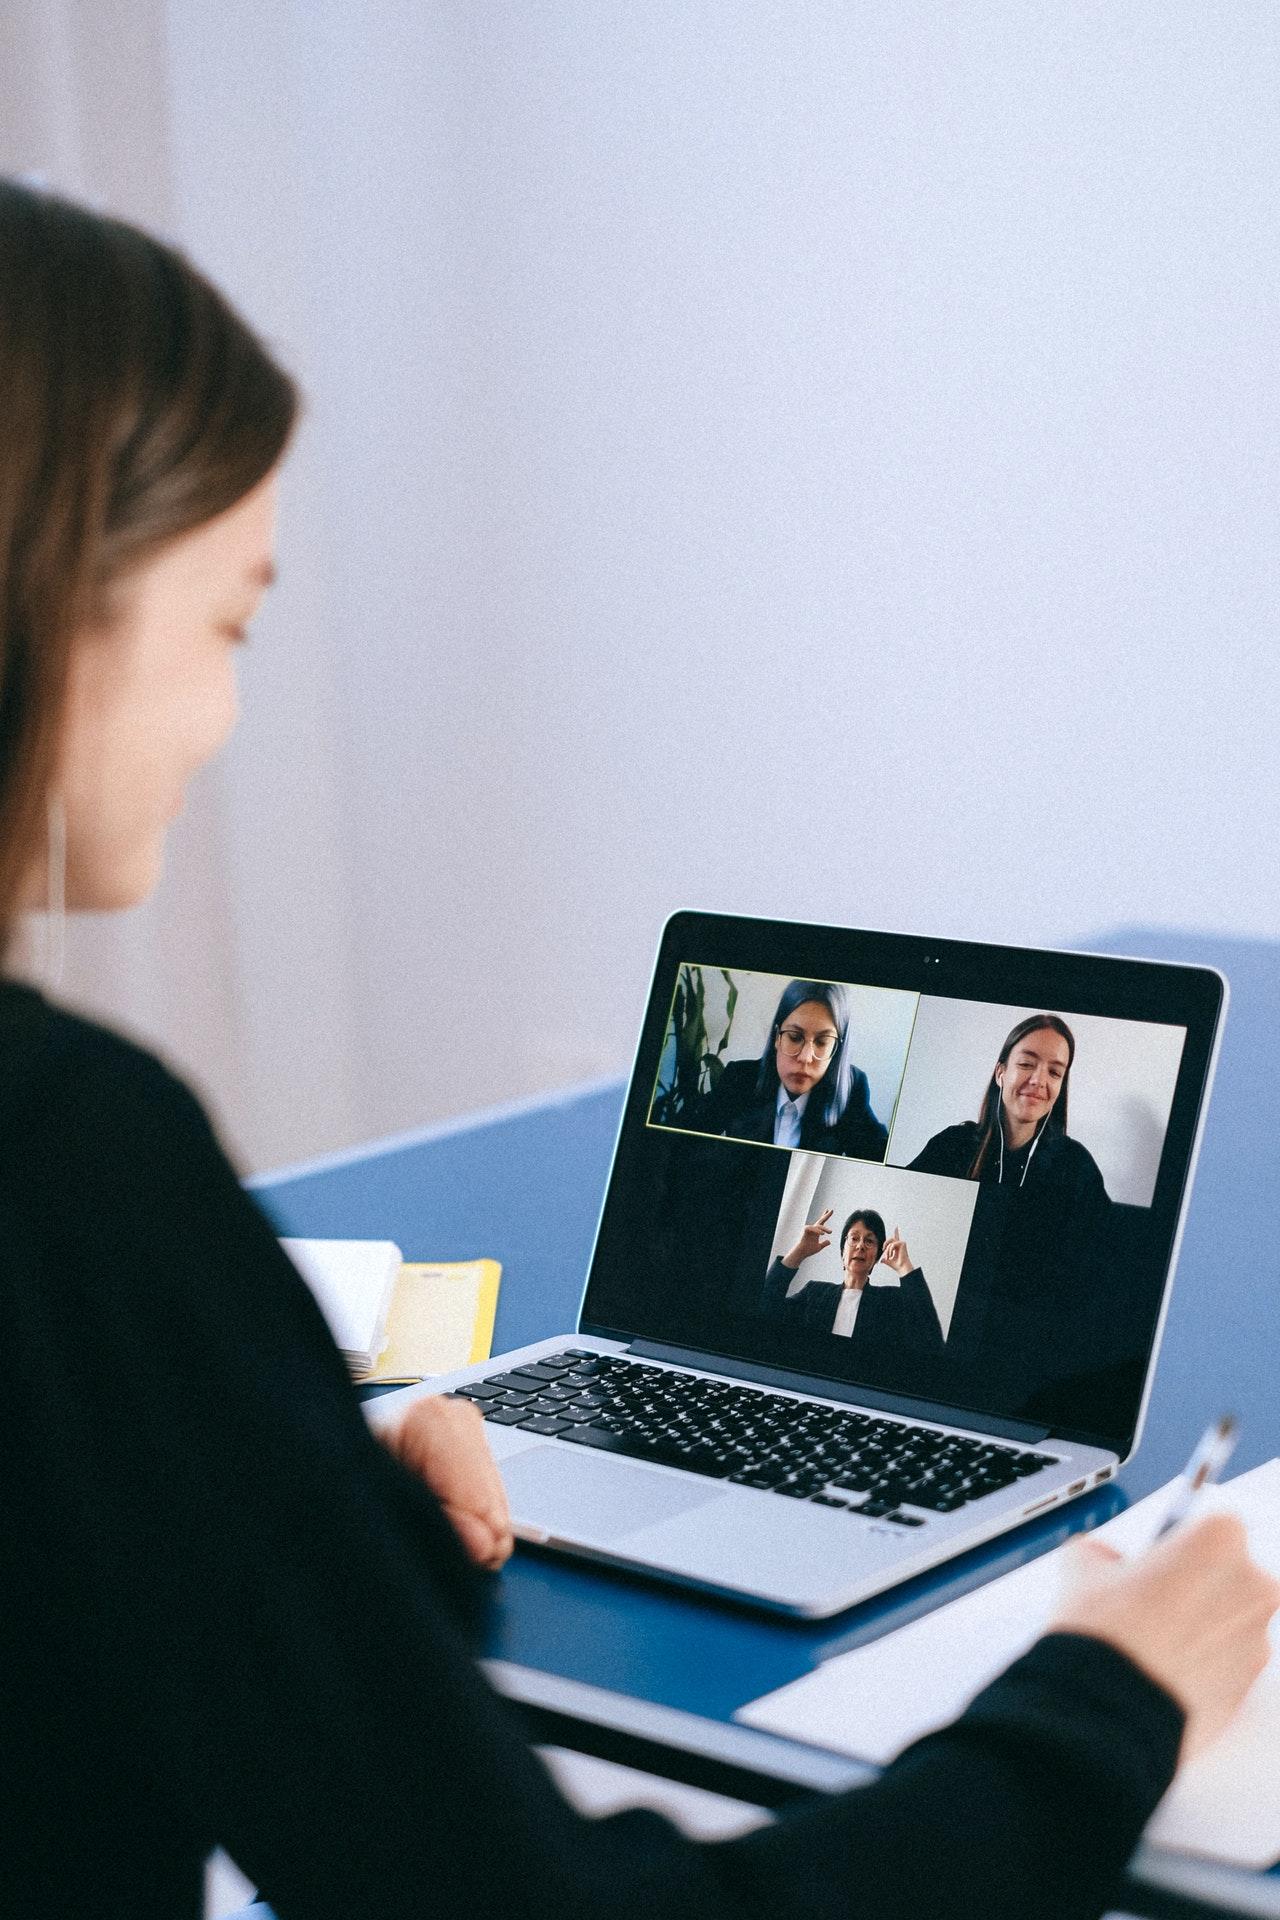 Video Meeting tools